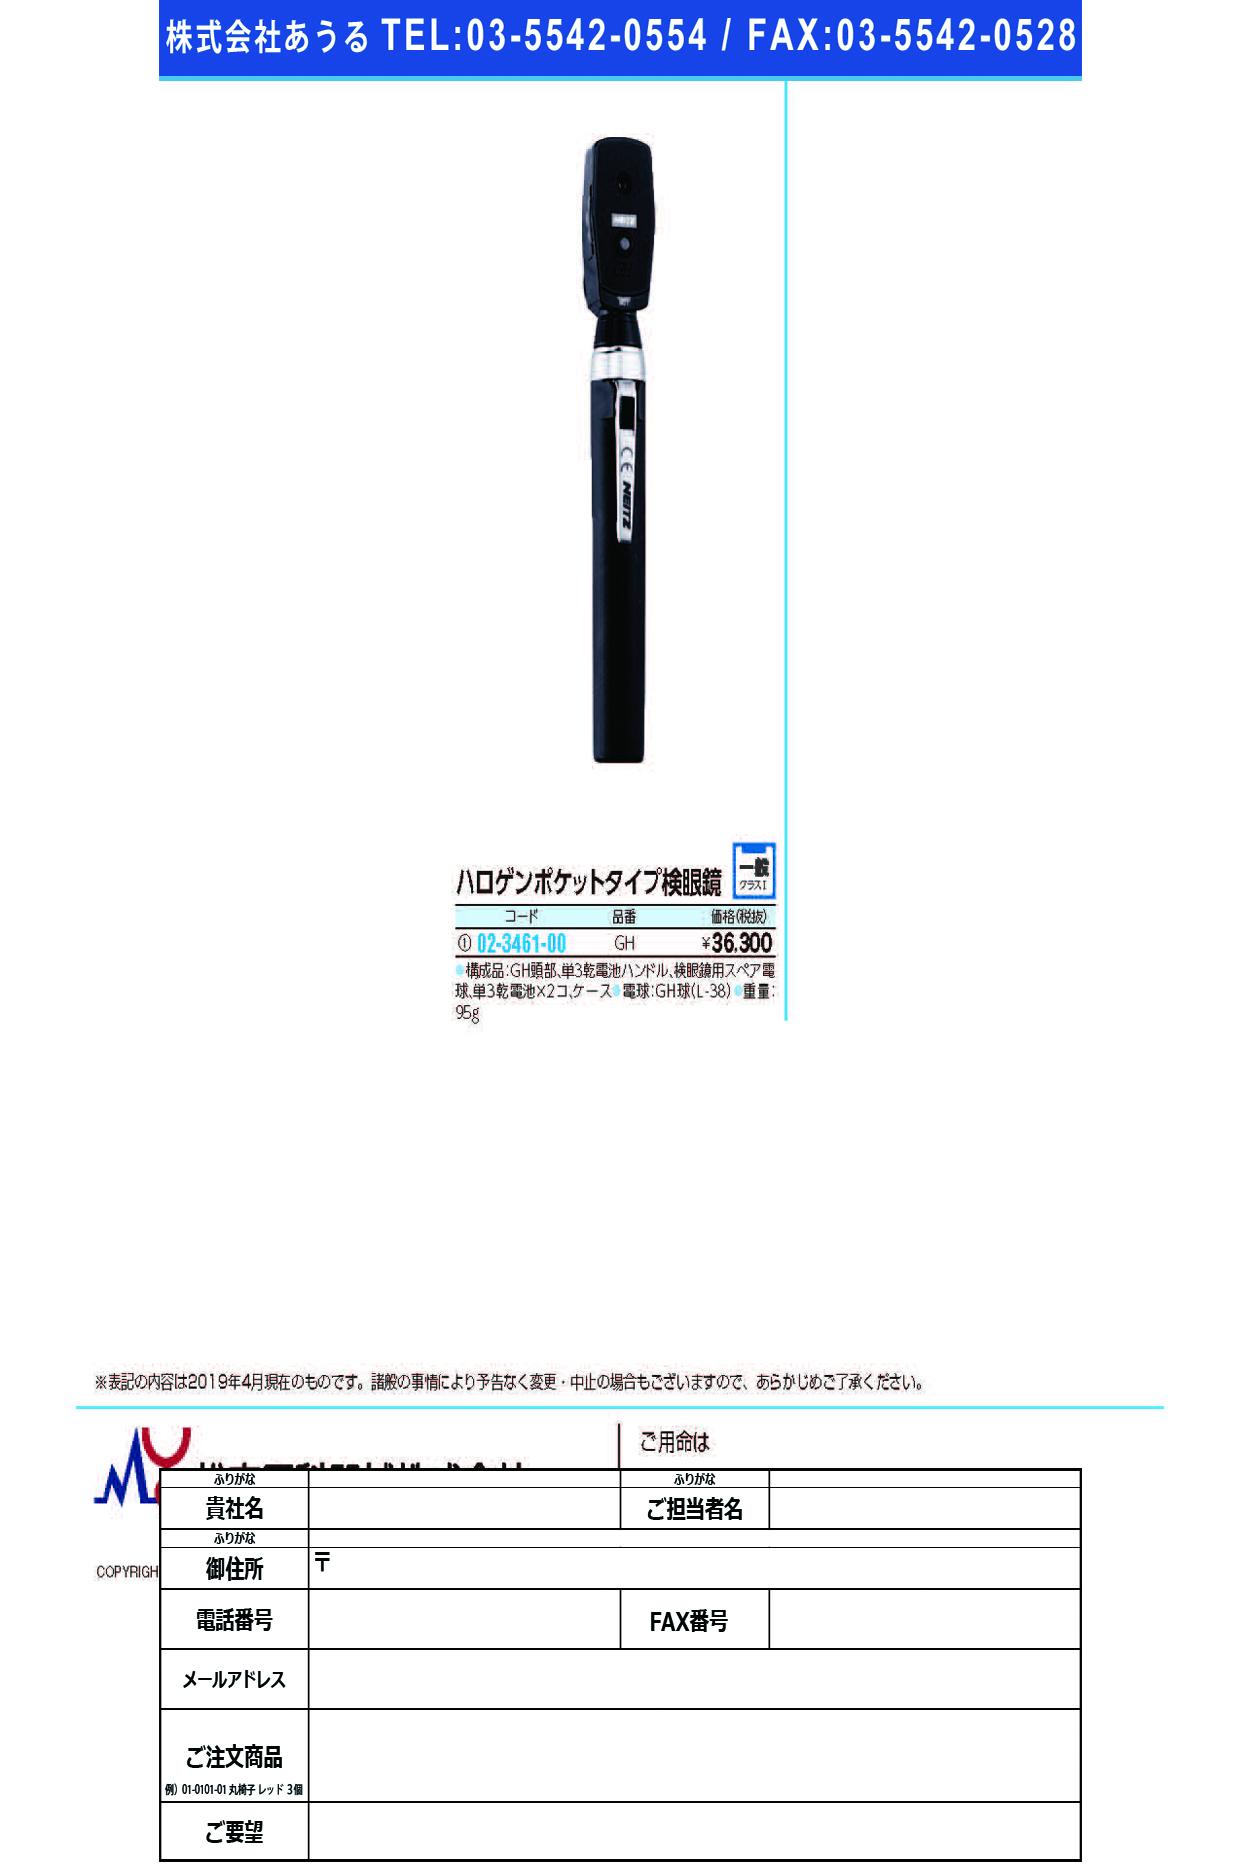 (02-3461-00)ハロゲンポケット型検眼鏡 GH ハロゲンポケットケンガンキョウ【1台単位】【2019年カタログ商品】